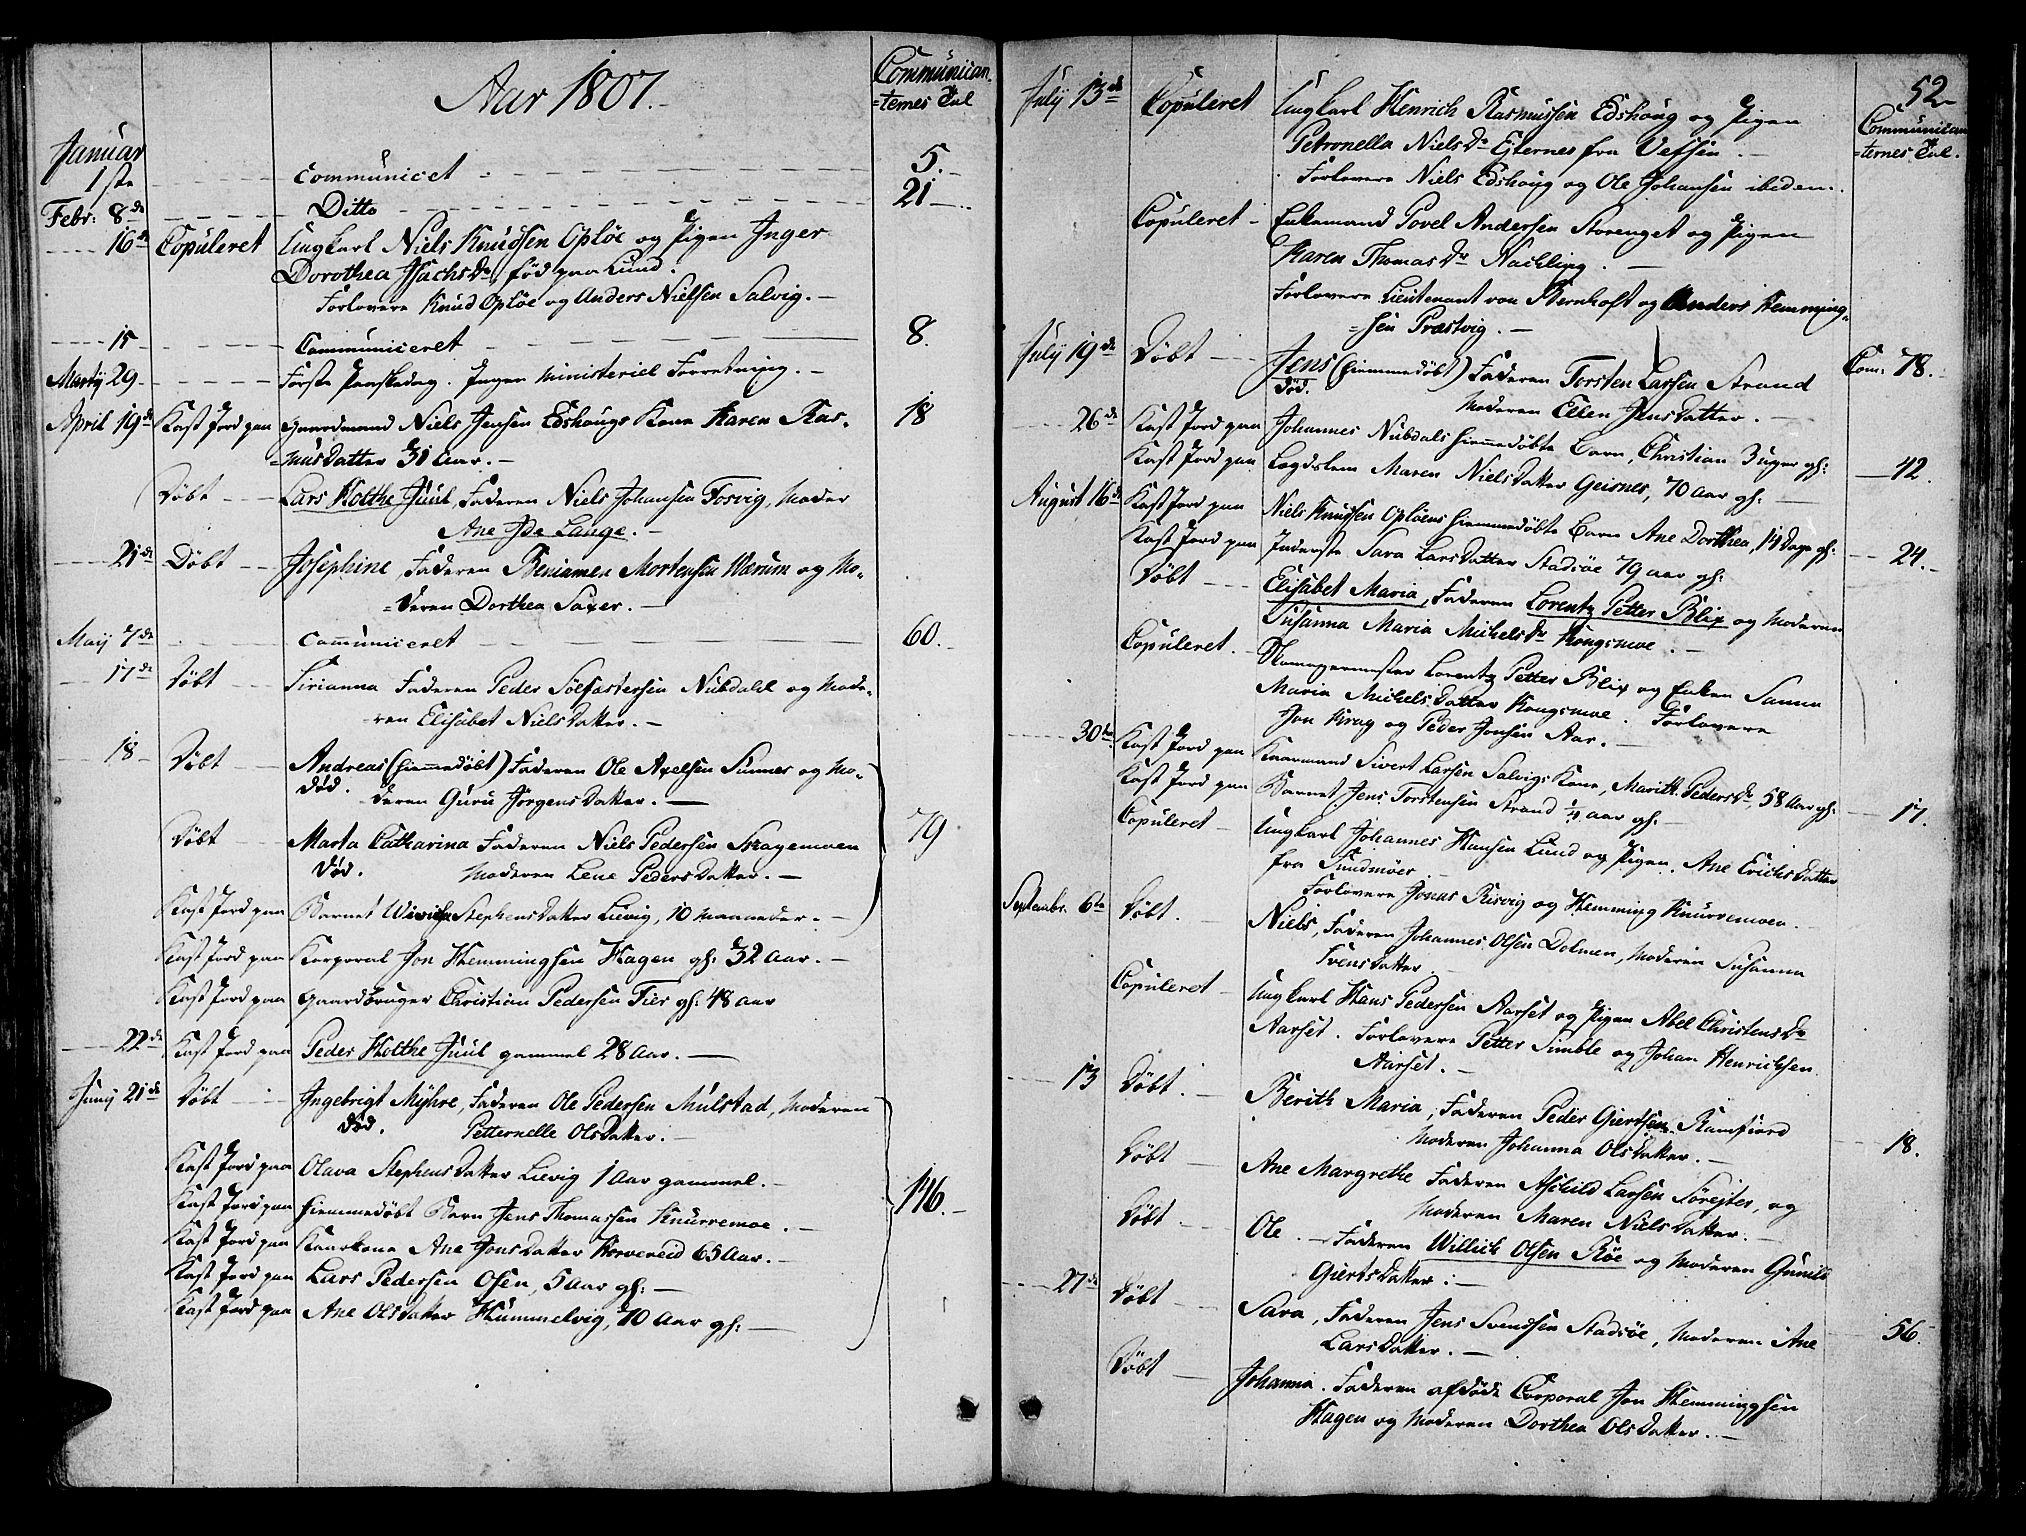 SAT, Ministerialprotokoller, klokkerbøker og fødselsregistre - Nord-Trøndelag, 780/L0633: Ministerialbok nr. 780A02 /1, 1787-1814, s. 52